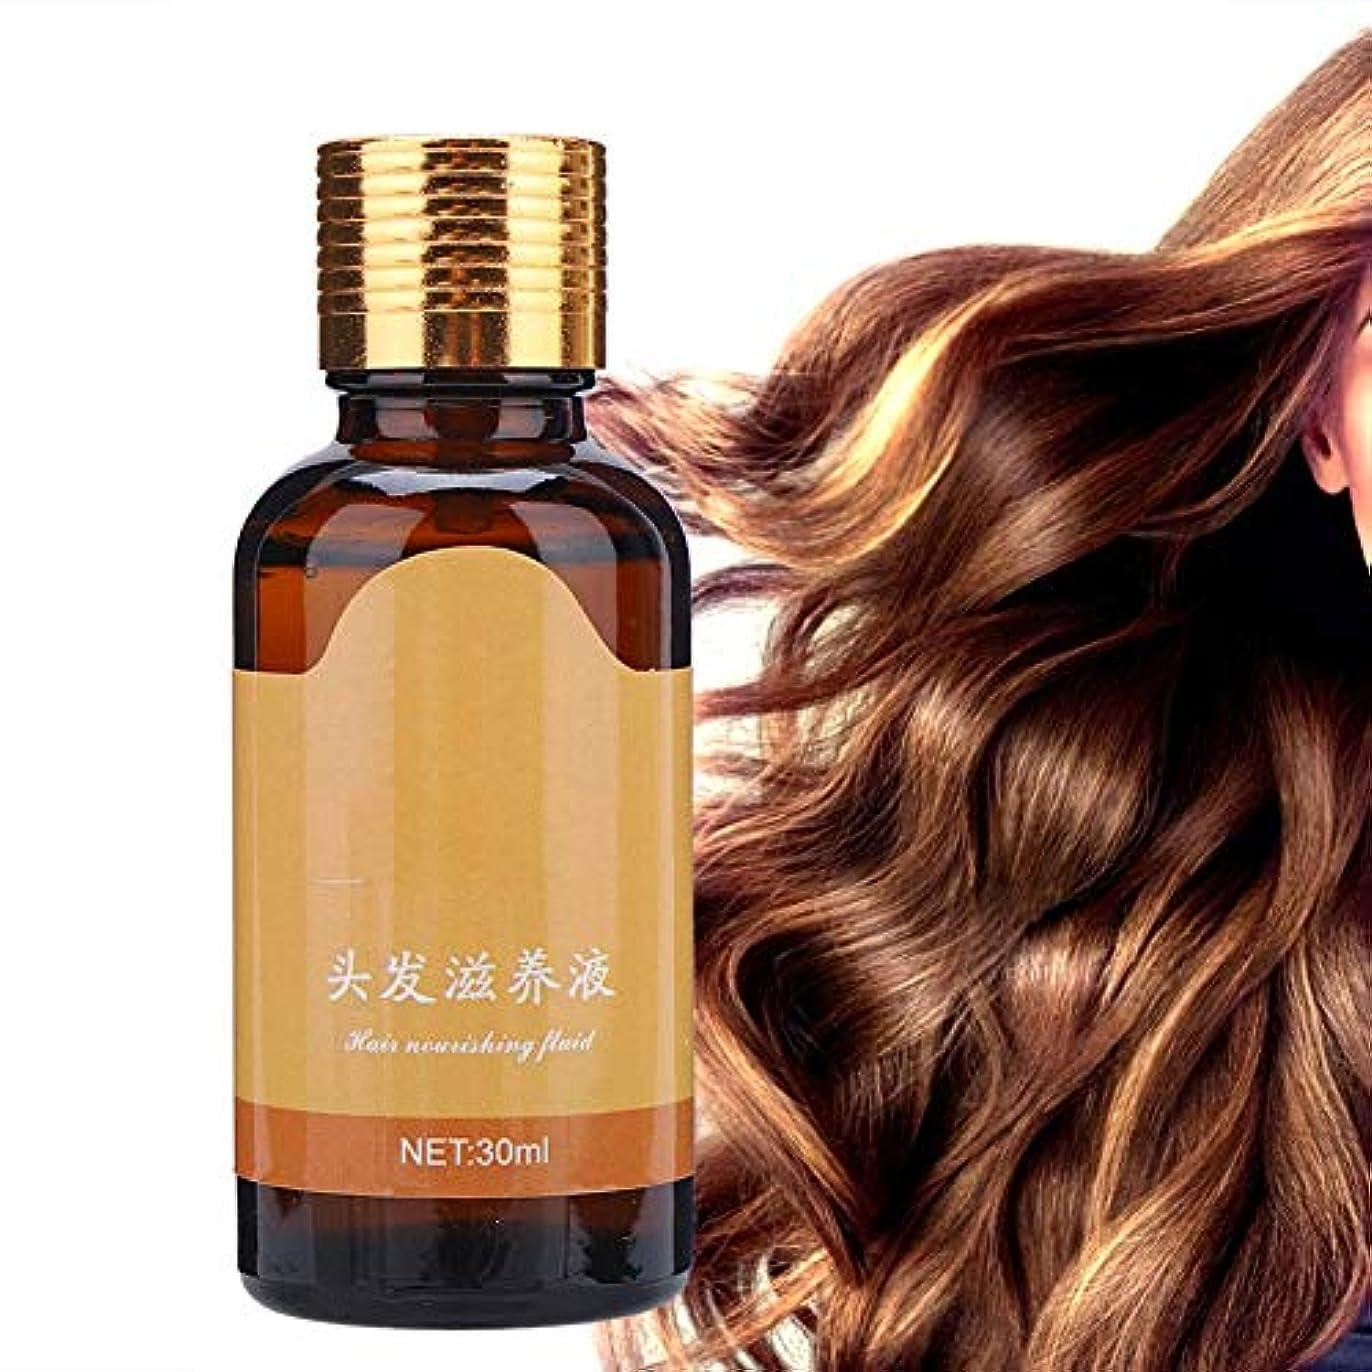 かりて確認お酒髪に栄養を与えるリキッド、アンチ脱毛エッセンス髪に栄養を与える速い成長エッセンス脱毛トリートメントオイルコントロールリキッド30ml